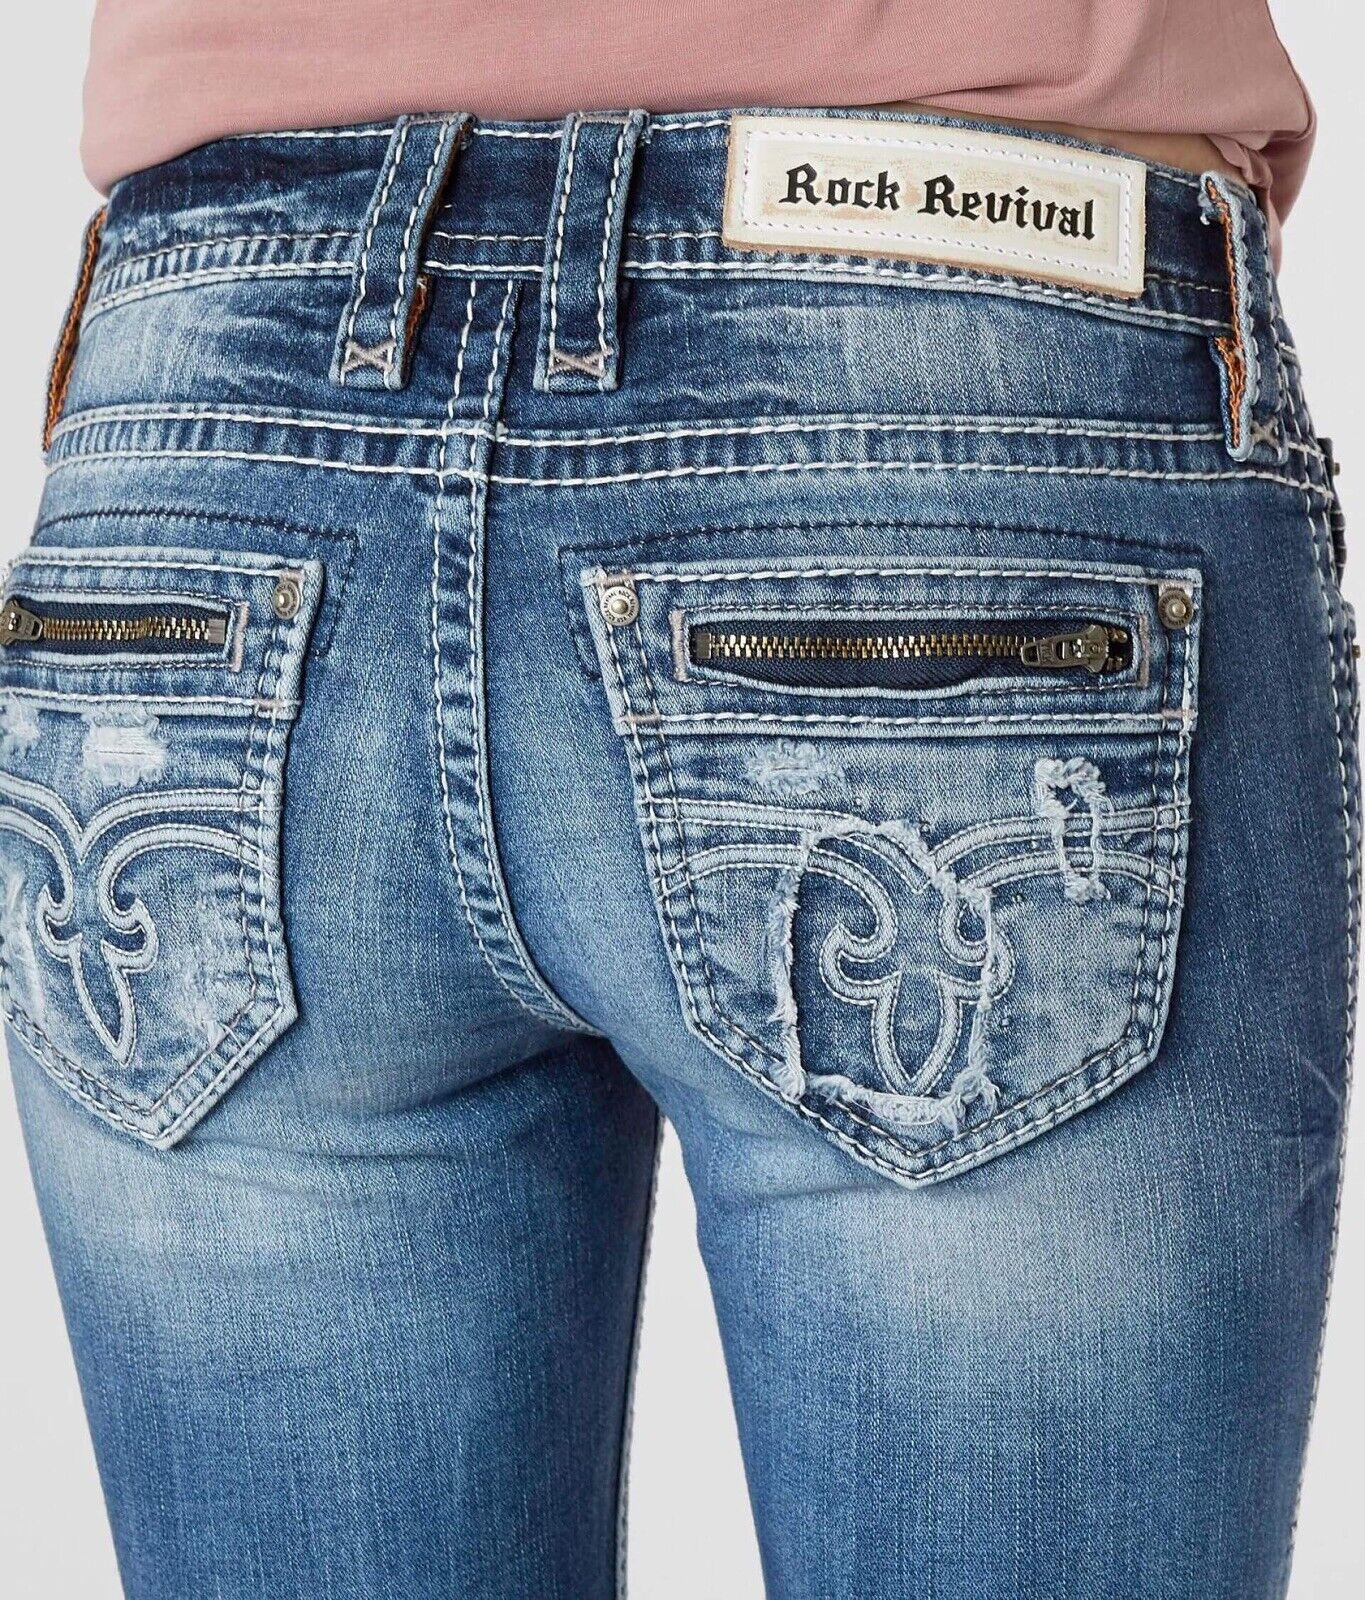 Rock Revival Juleen Mi-élevé Cheville Extensible Skinny Jeans Nwot Pdsf Sz 25x26